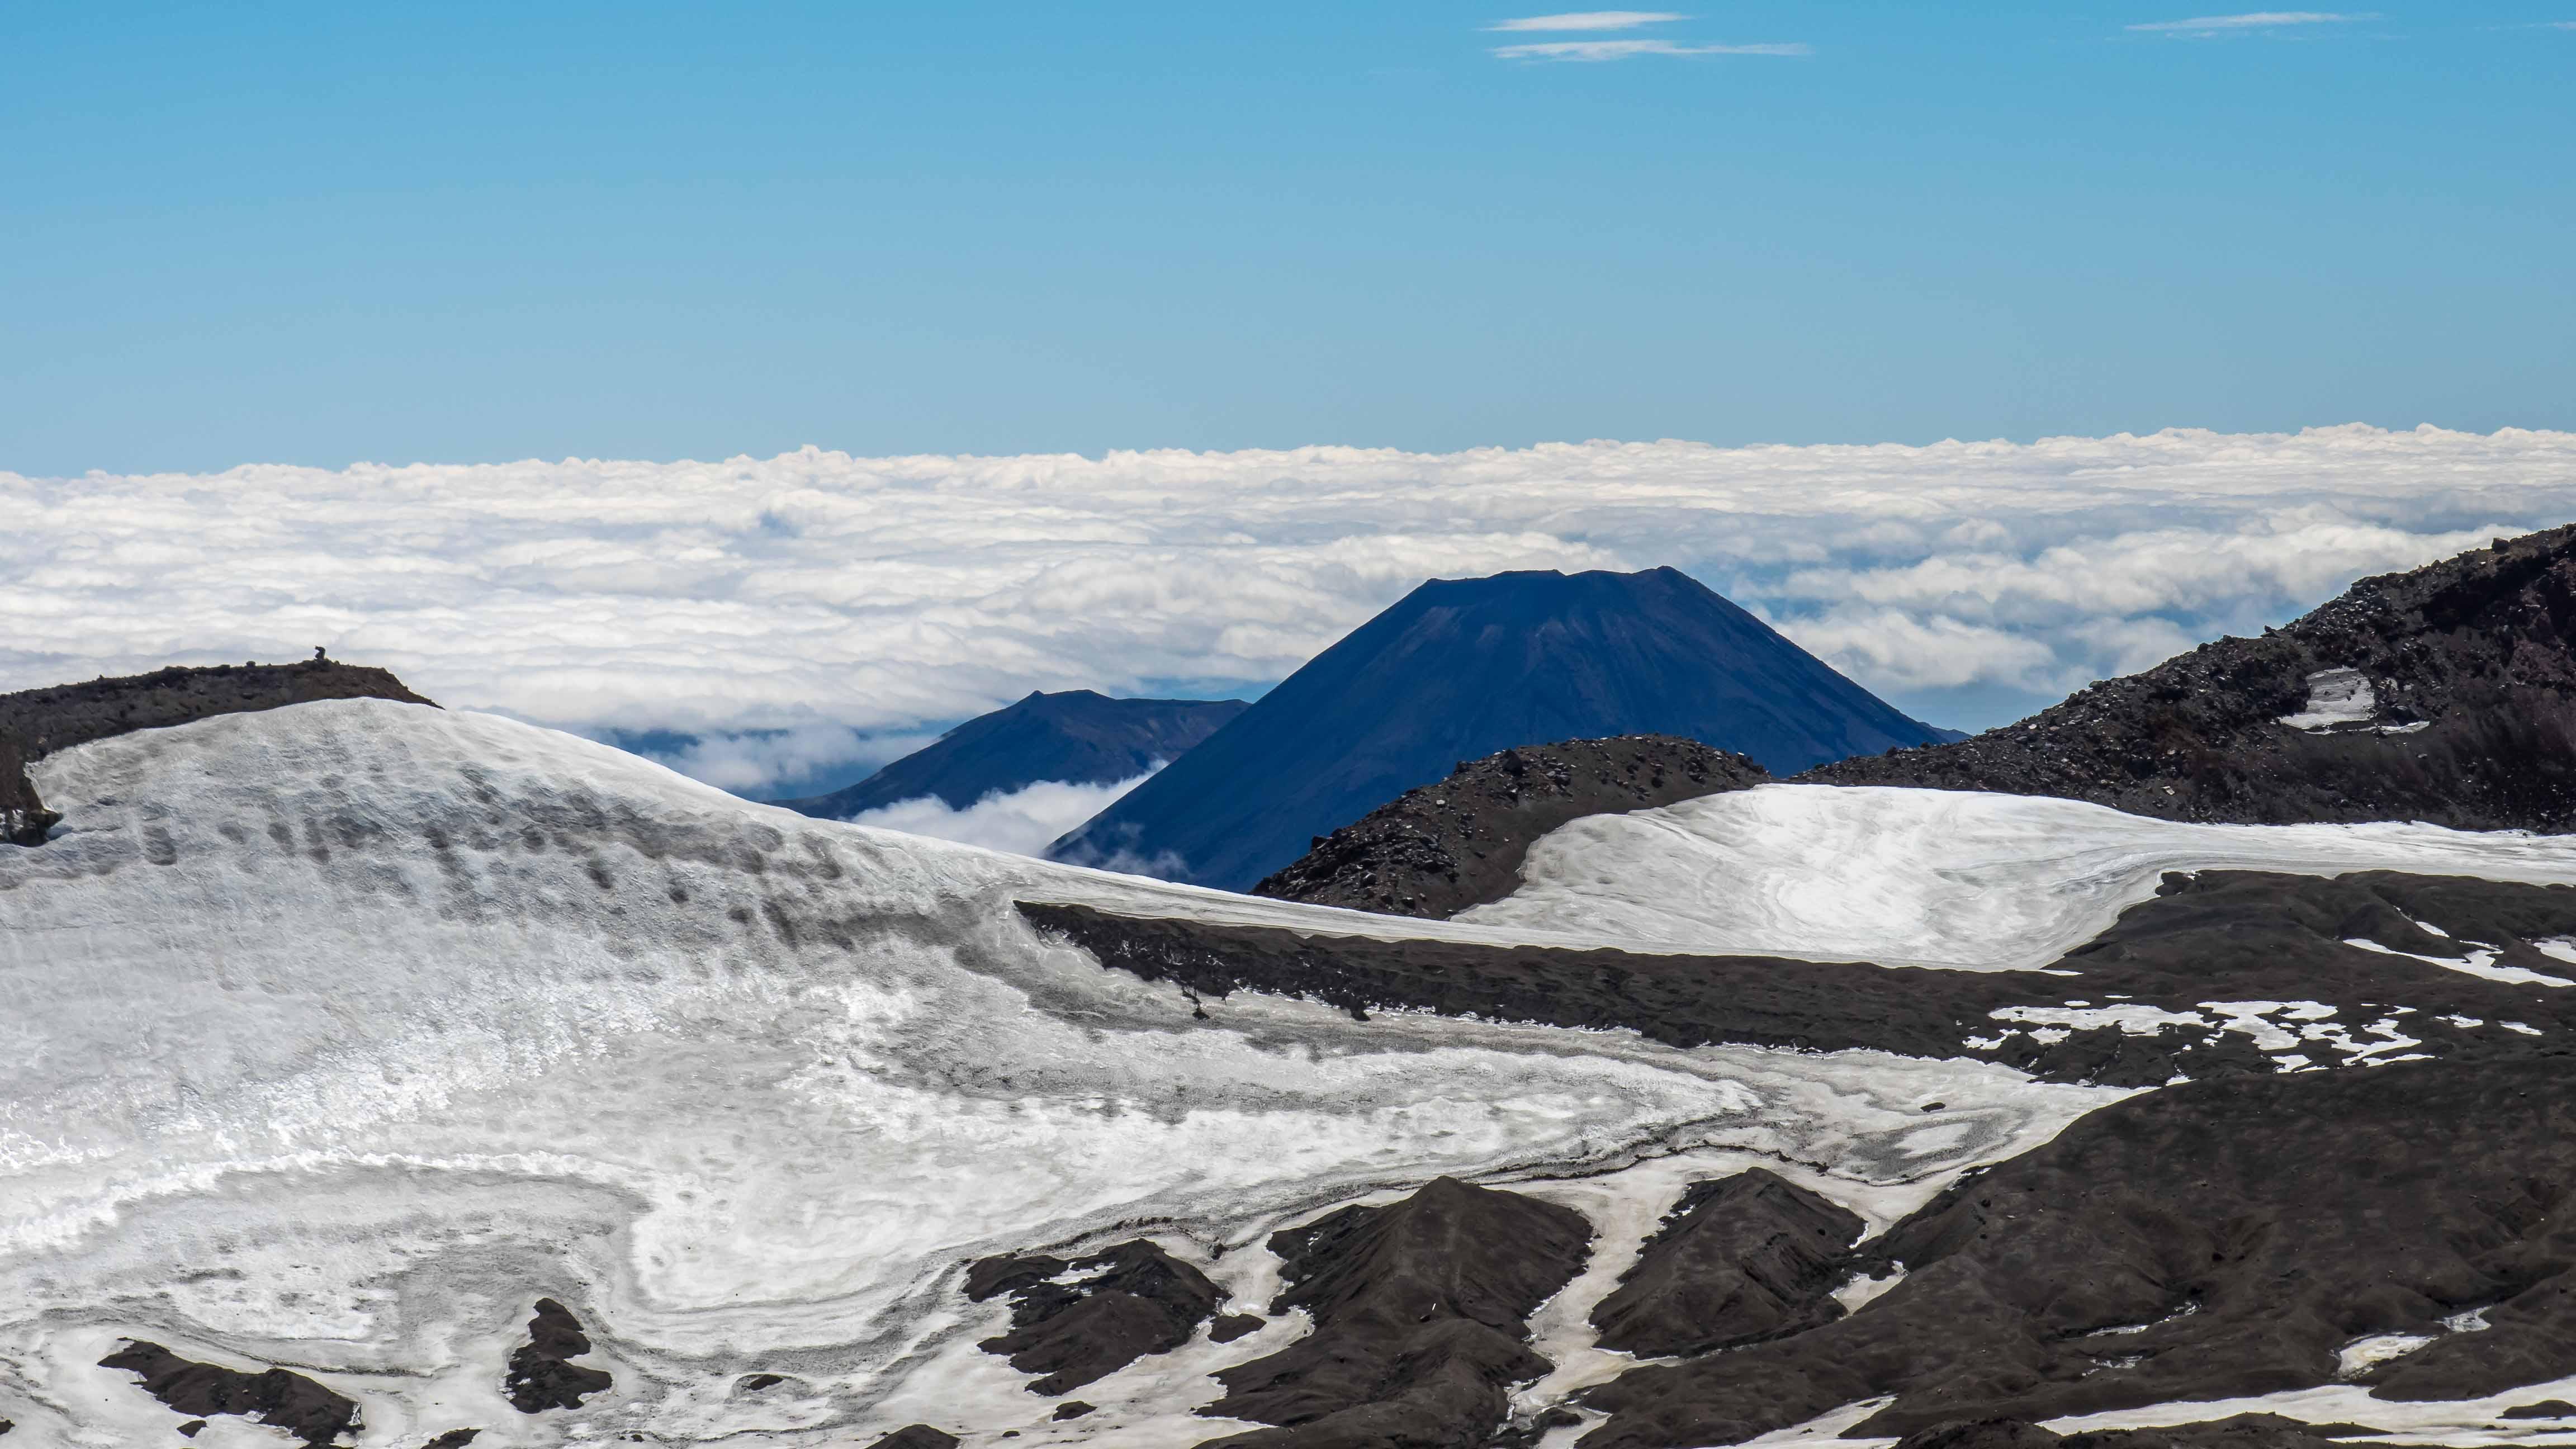 Les neiges du Ruapehu